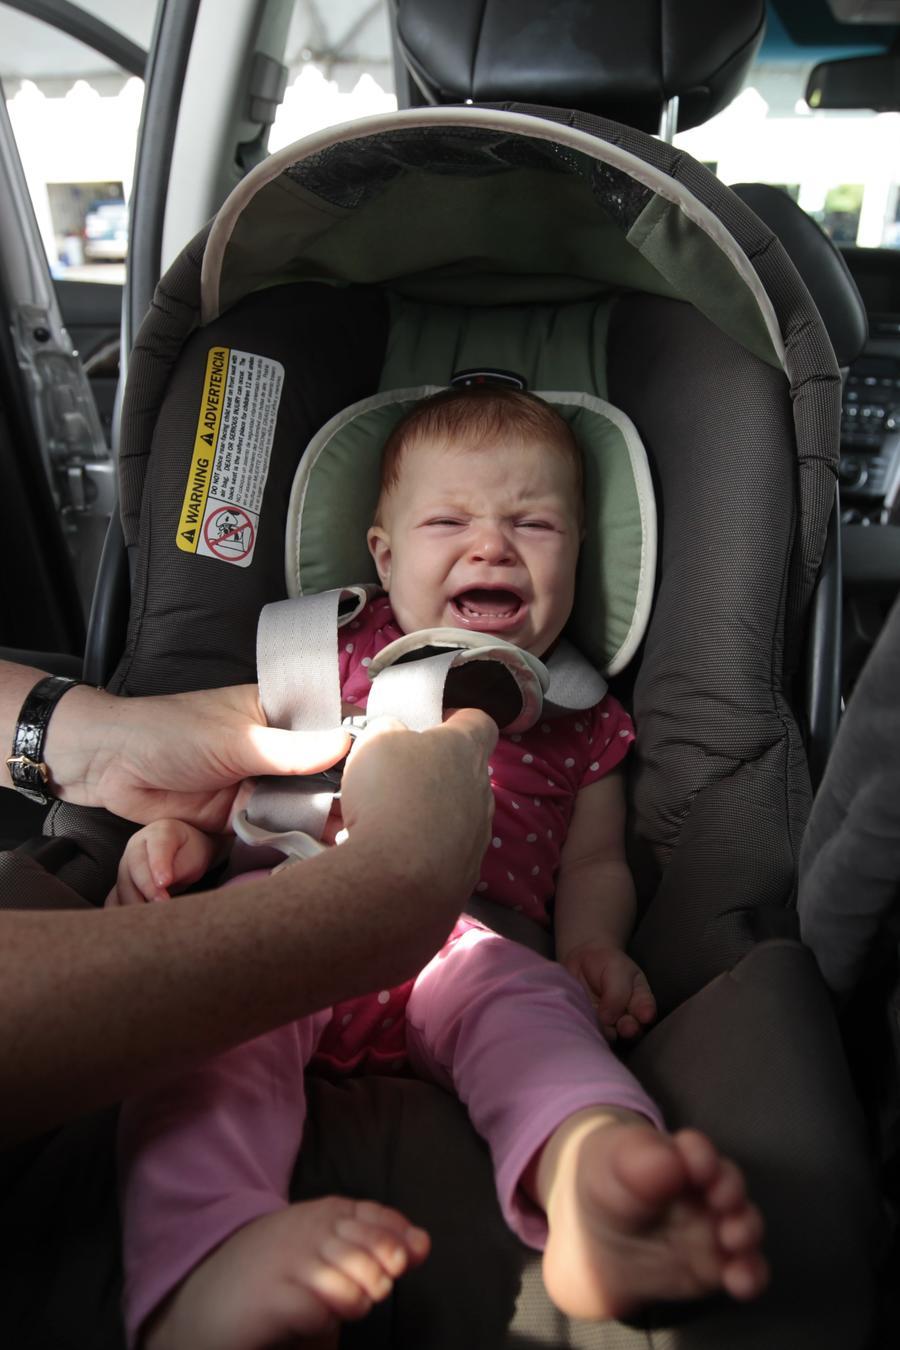 Fotografía de archivo de un bebé en una silla de auto para infantes